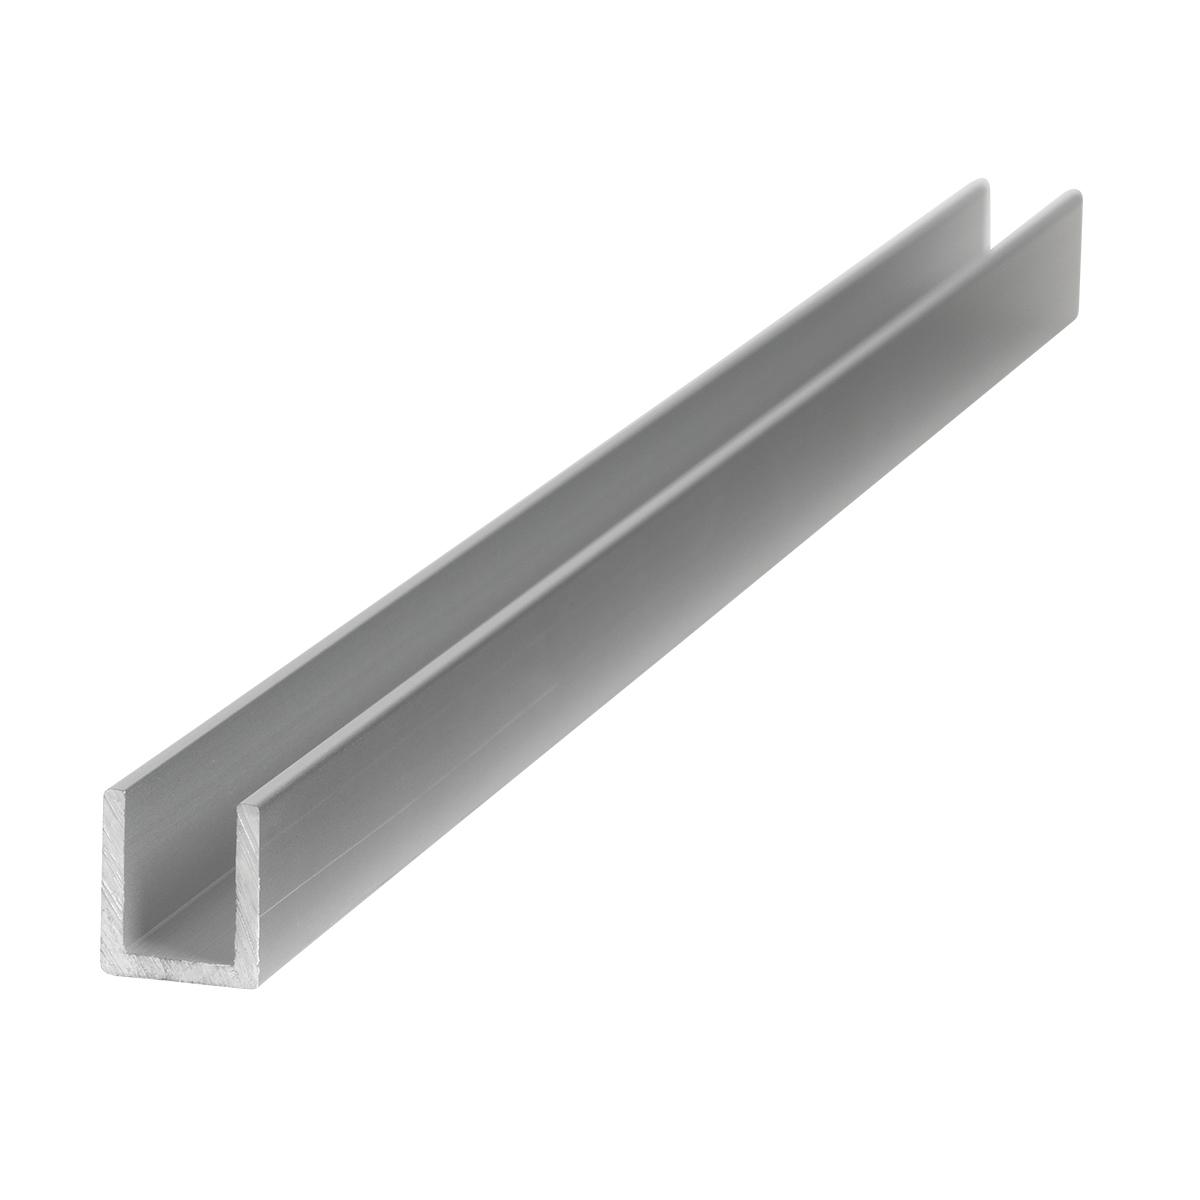 U-Profil zu 10 mm, aus Alu eloxiert, farblos, L 6 m, 14 x 16 x 2.0 x 10 mm